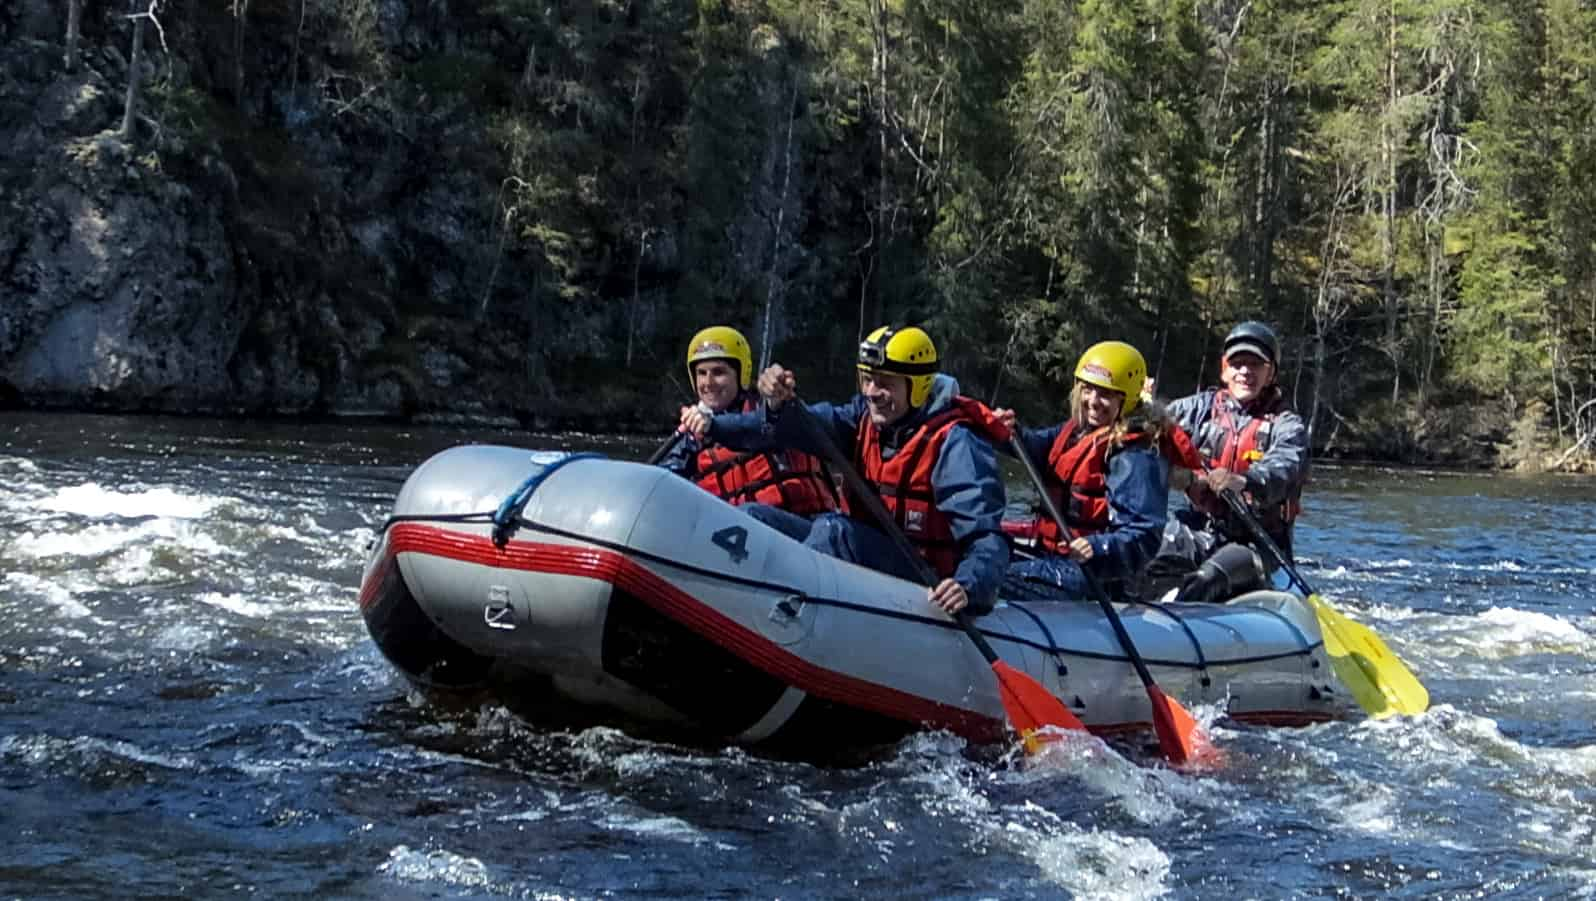 De ultieme raft ervaring op de Kitkajoki rivier